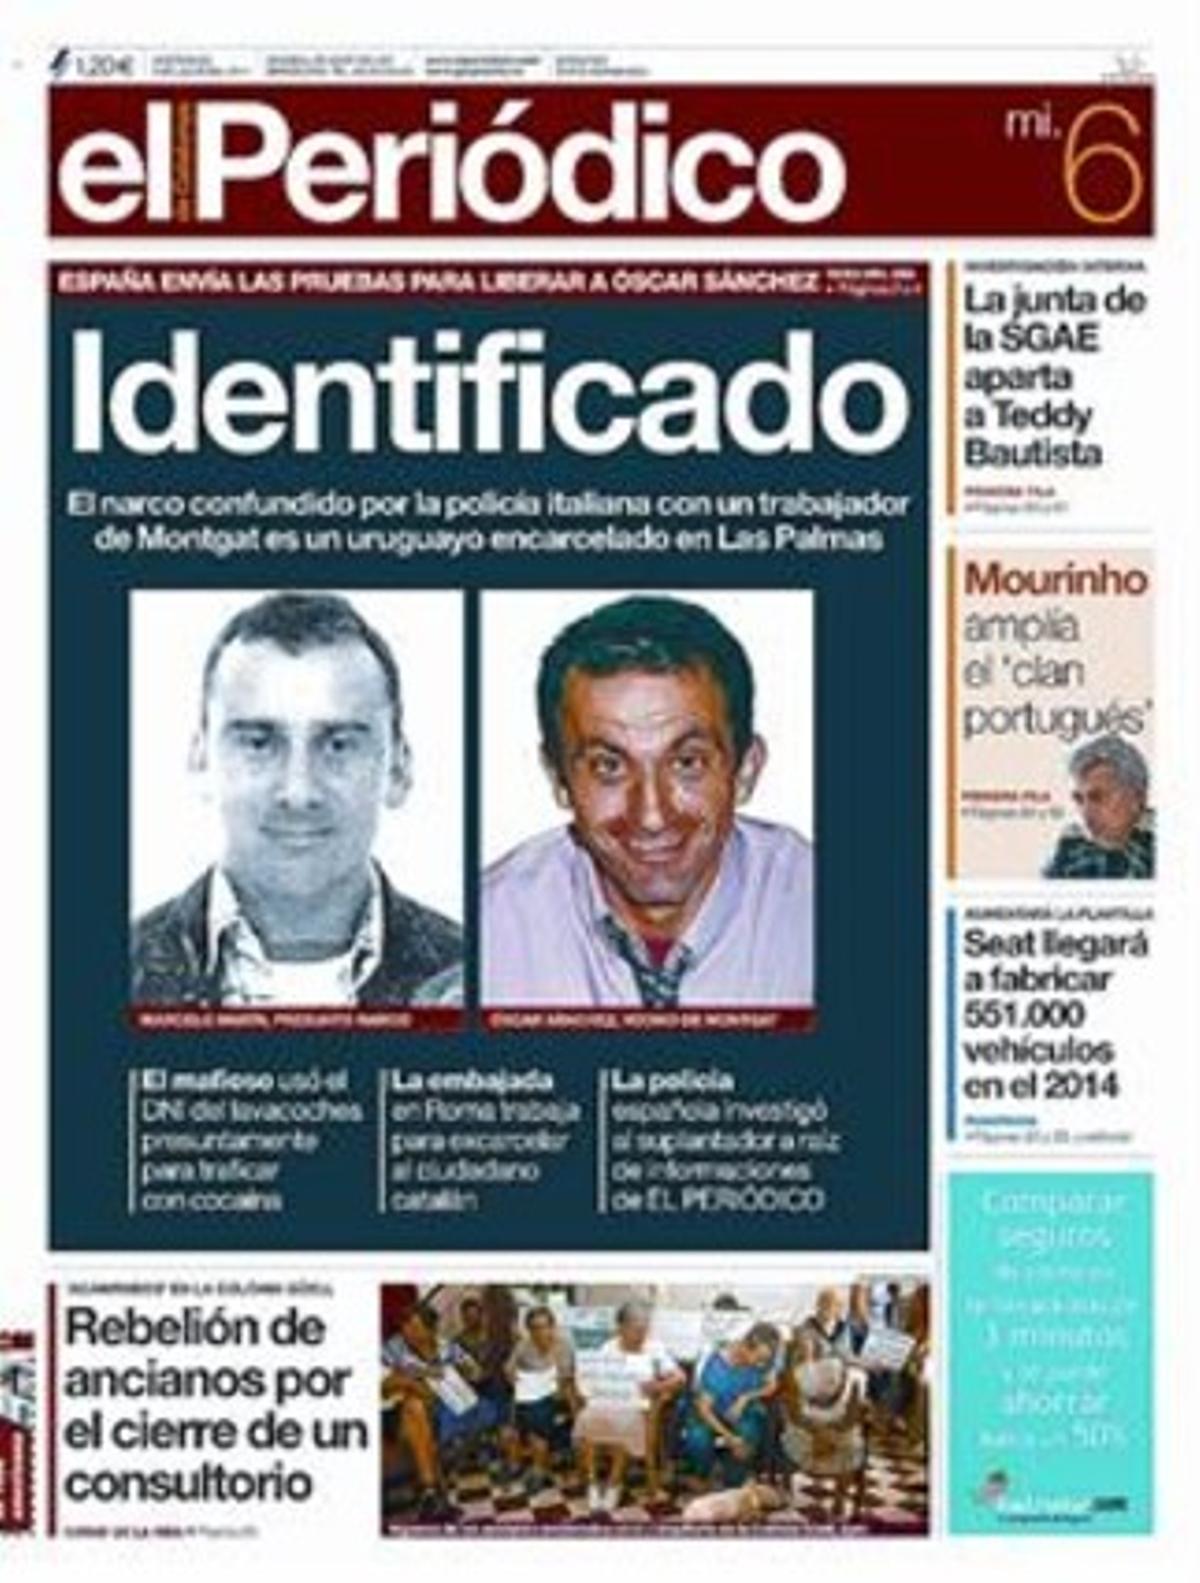 6-7-2011 3 EL PERIÓDICO identifica al usurpador.